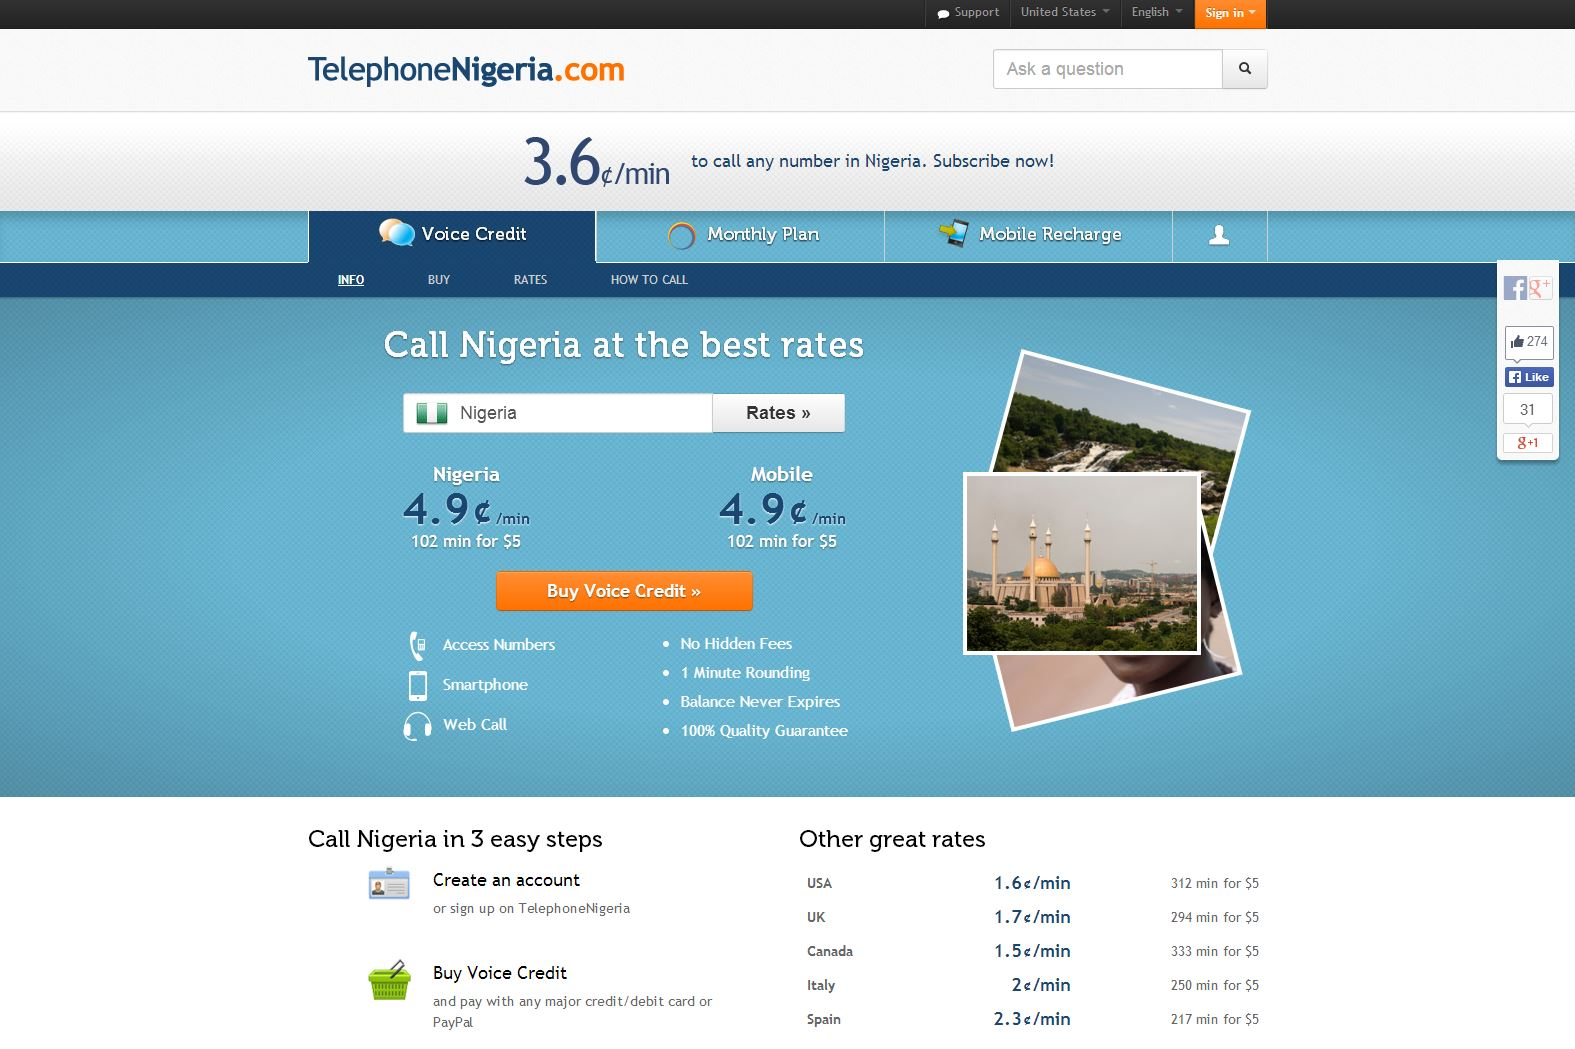 TelephoneNigeri